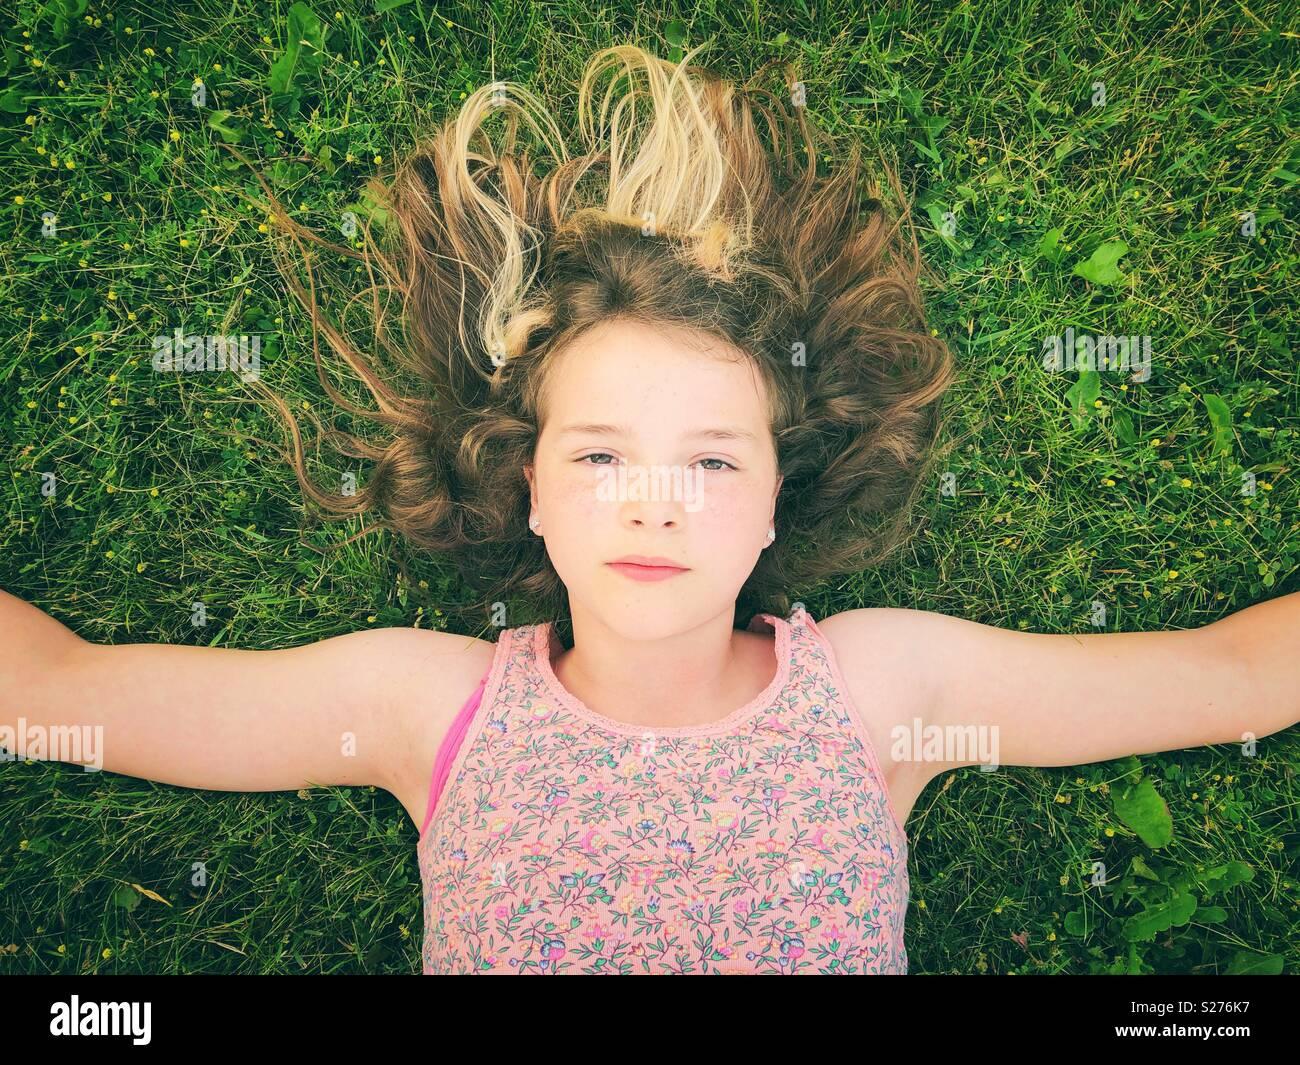 11-jährige Mädchen mit in das Gras mit Armen und ernsten Ausdruck auf ihrem Gesicht Stockbild